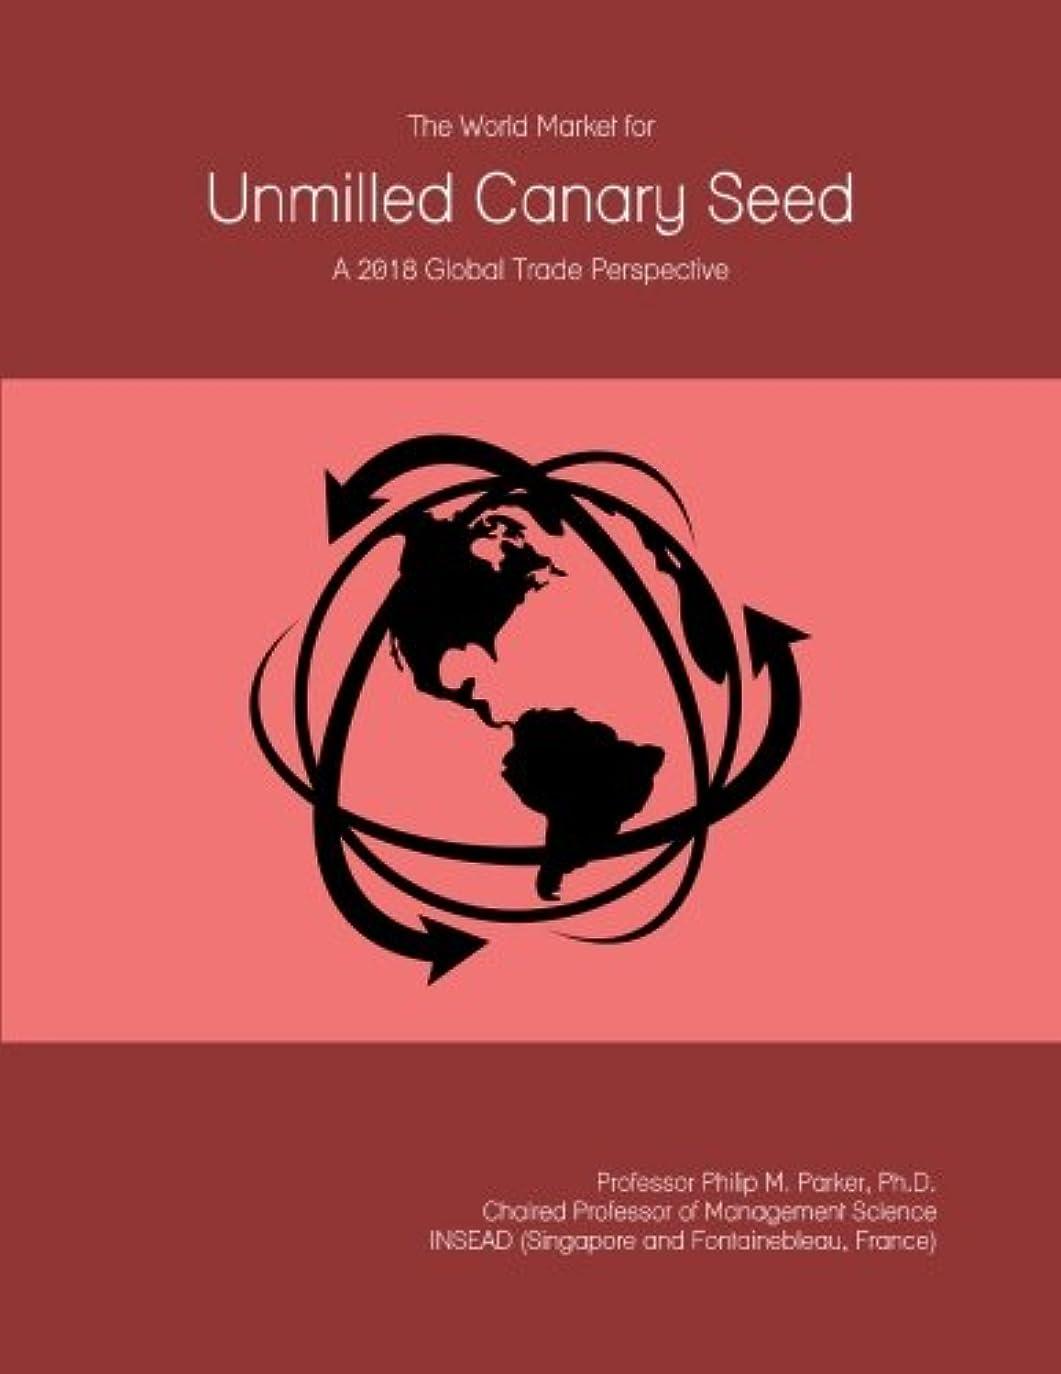 発生するオーナー勇者The World Market for Unmilled Canary Seed: A 2018 Global Trade Perspective